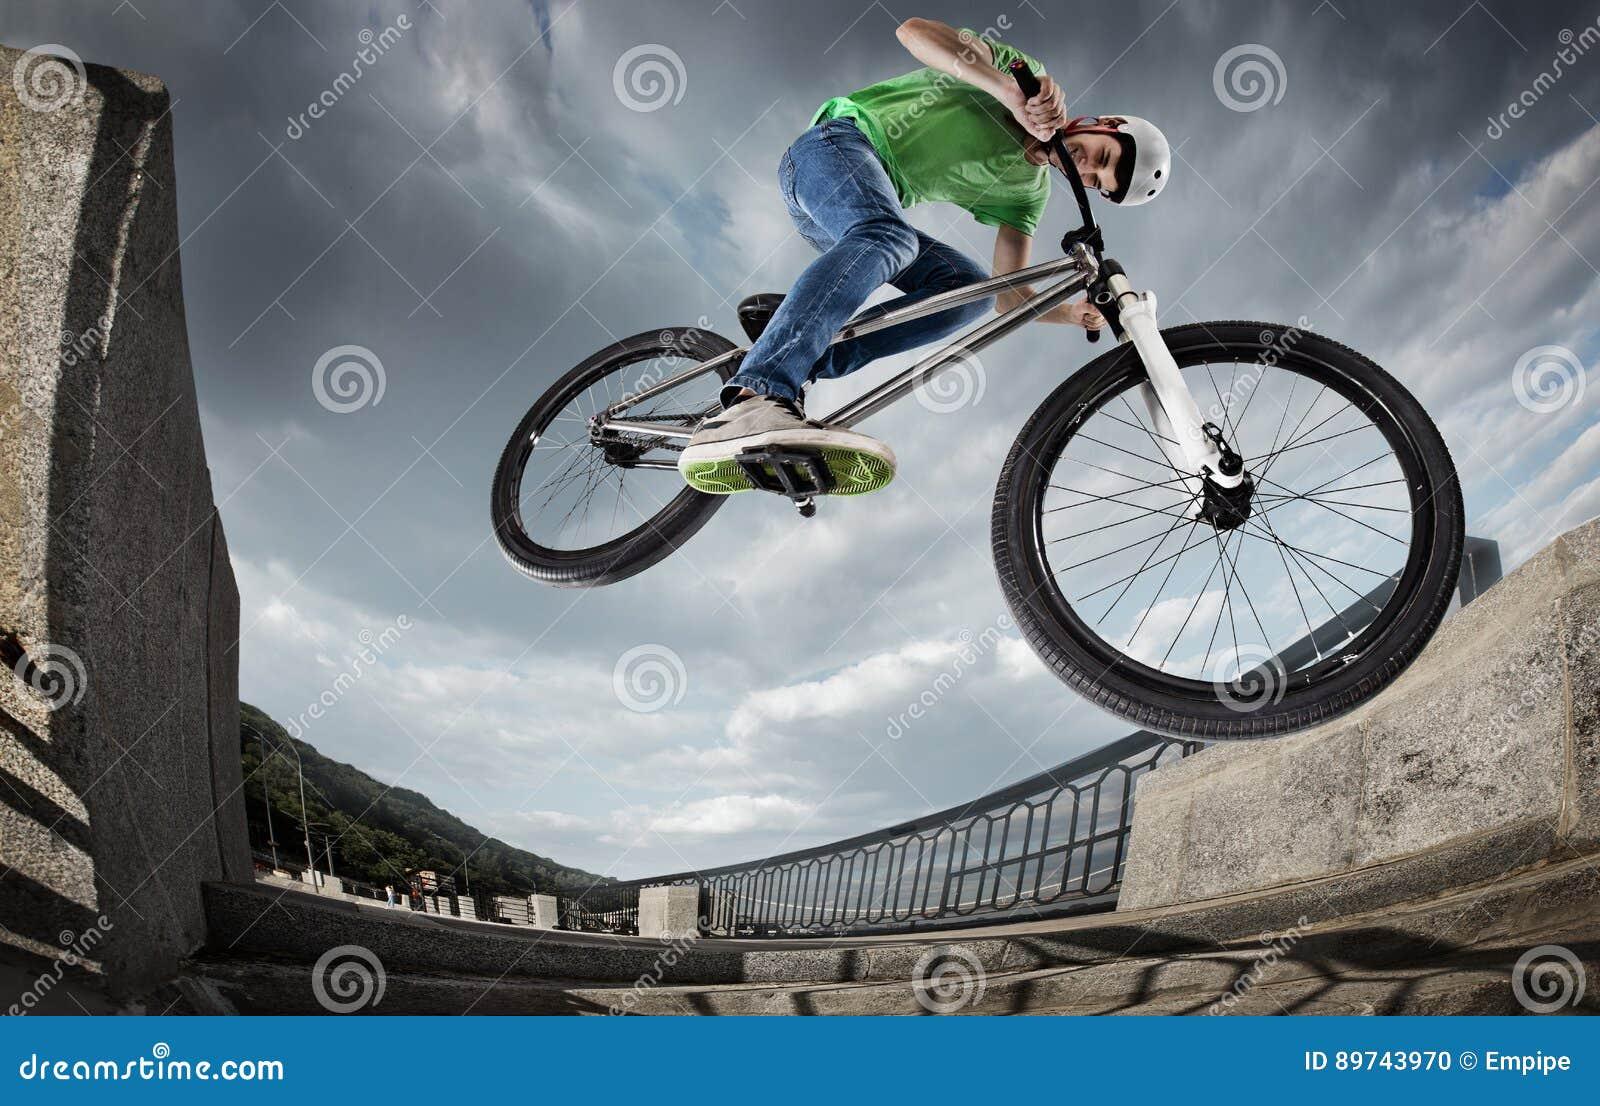 El muchacho que salta con su calle-bici en la ciudad